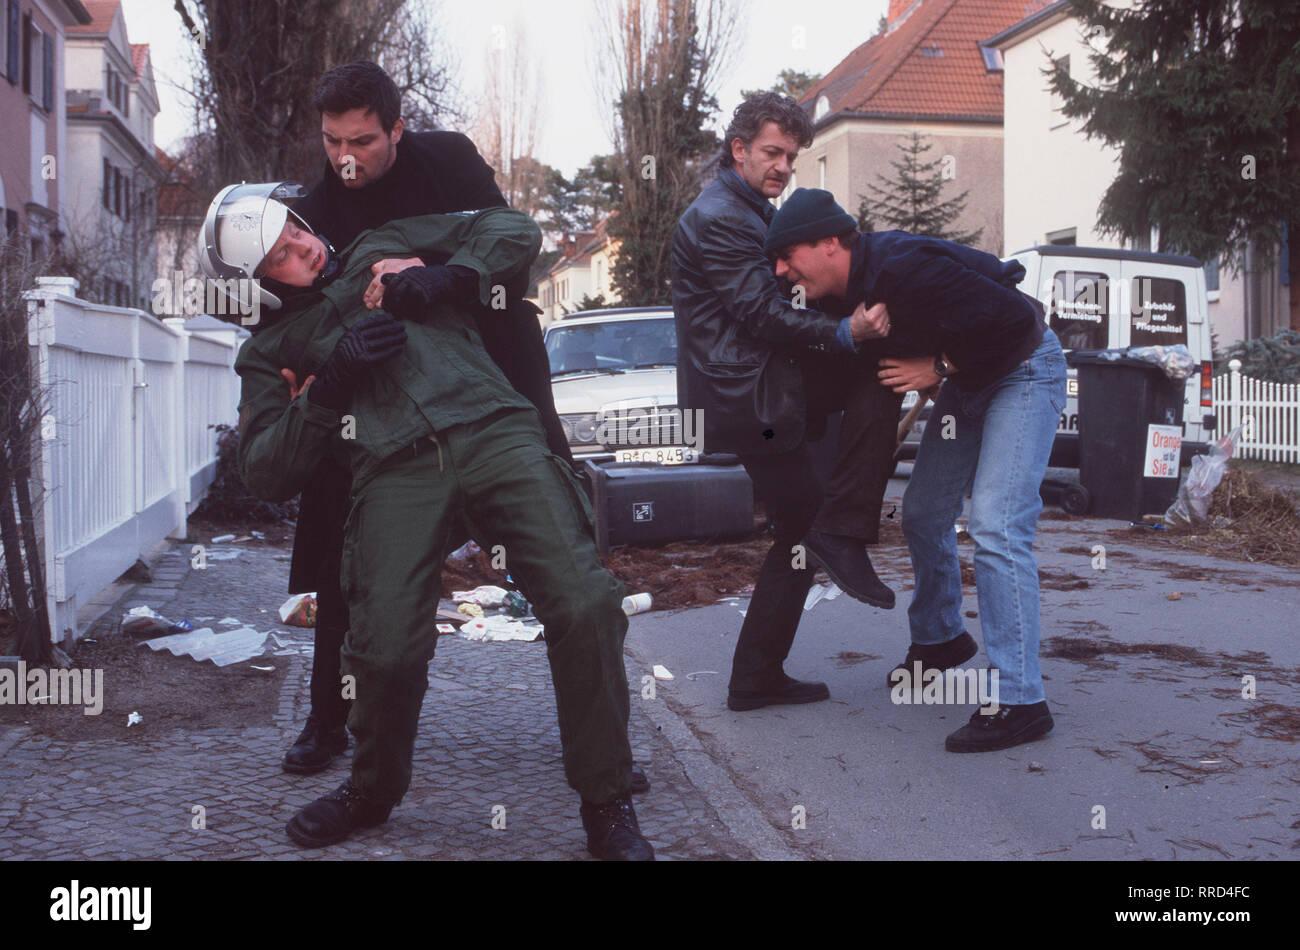 """TATORT/Das letzte Rodeo/Sogenannte """"prügelknaben"""" üben seit geraumer Zeit Selbstjustiz und fordern eine """"Null-Toleranz-Politik"""". Indizien deuten darauf hin, dass es sich dabei um Polizisten handelt. /Szene: hauptkommissare Ritter (Dominic Raacke, 2. v. l.) und Hellmann (STEFAN JÜRGENS, 2. v. li.) retten den Polizisten Matti (LARS GÄRTNER, l Sterben.) vor einem Hooligan (STEFAN LANGEL). /, DFATatort1/Überschrift: TATORT/D2000 Stockbild"""